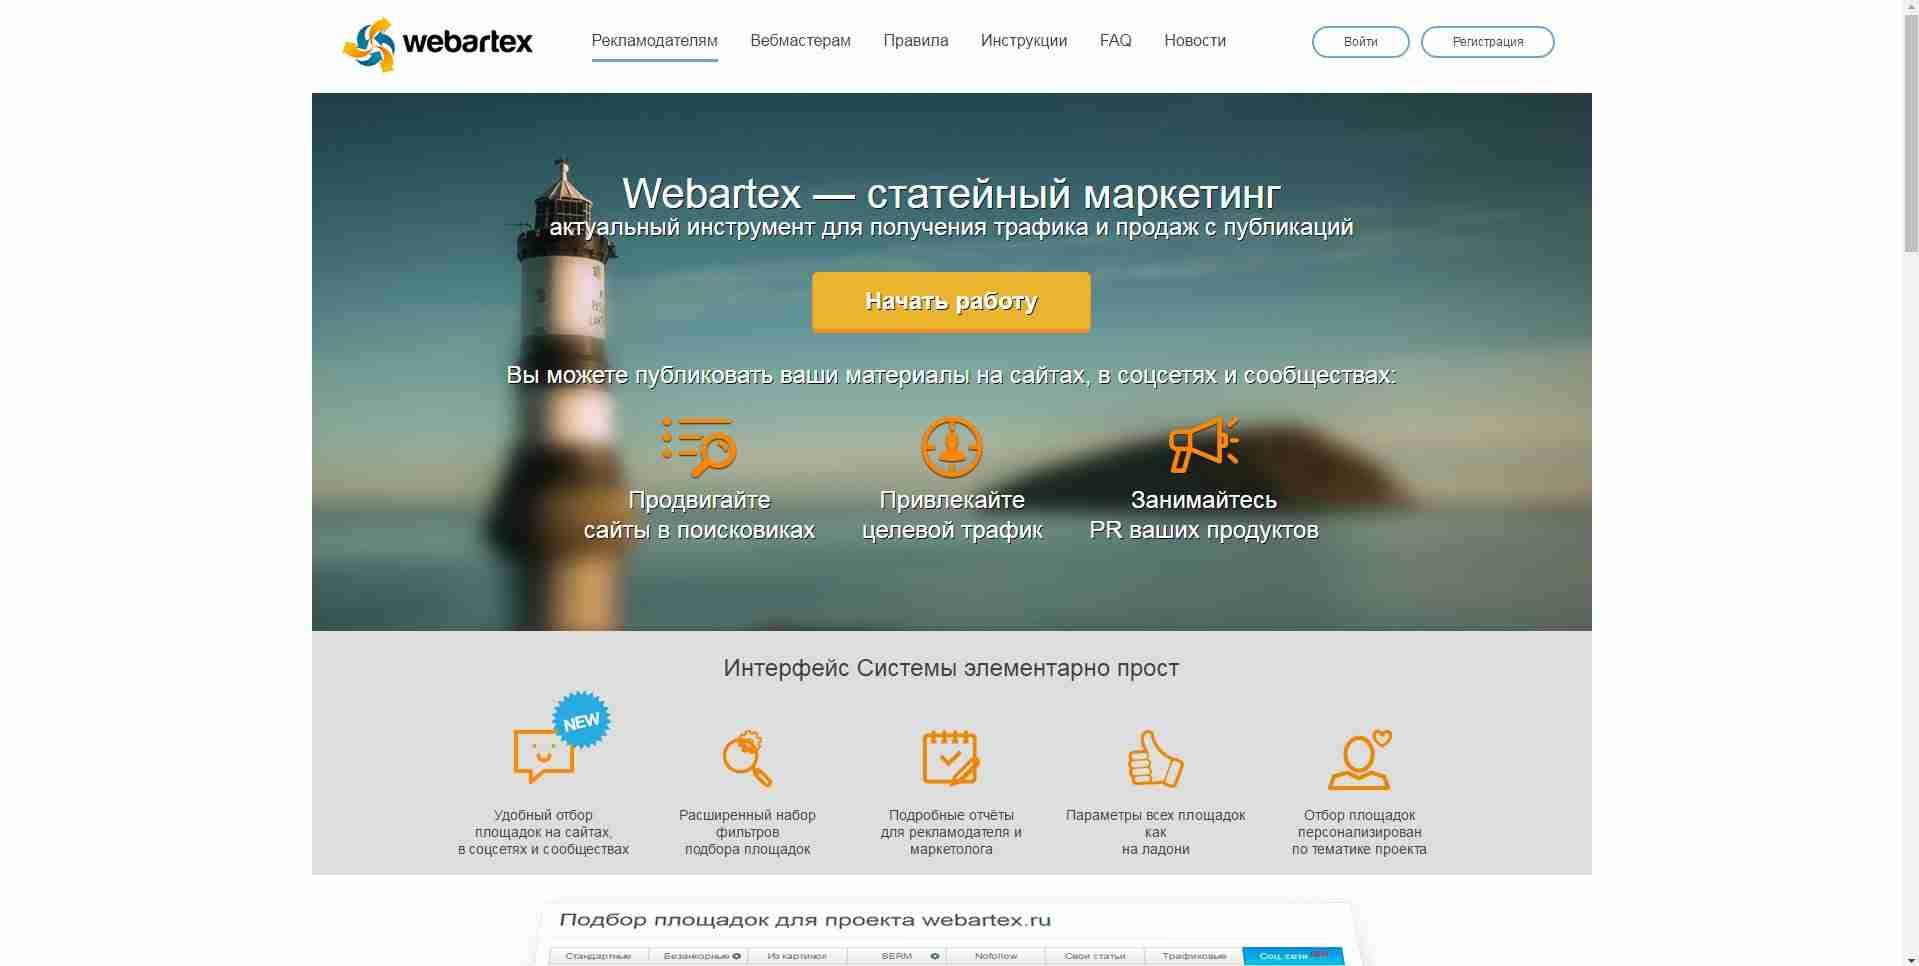 Сегодняшний День Заработать Деньги Сайте Вконтакте - Rzidp:реальный [заработок] в Интернете (дома на Пк)